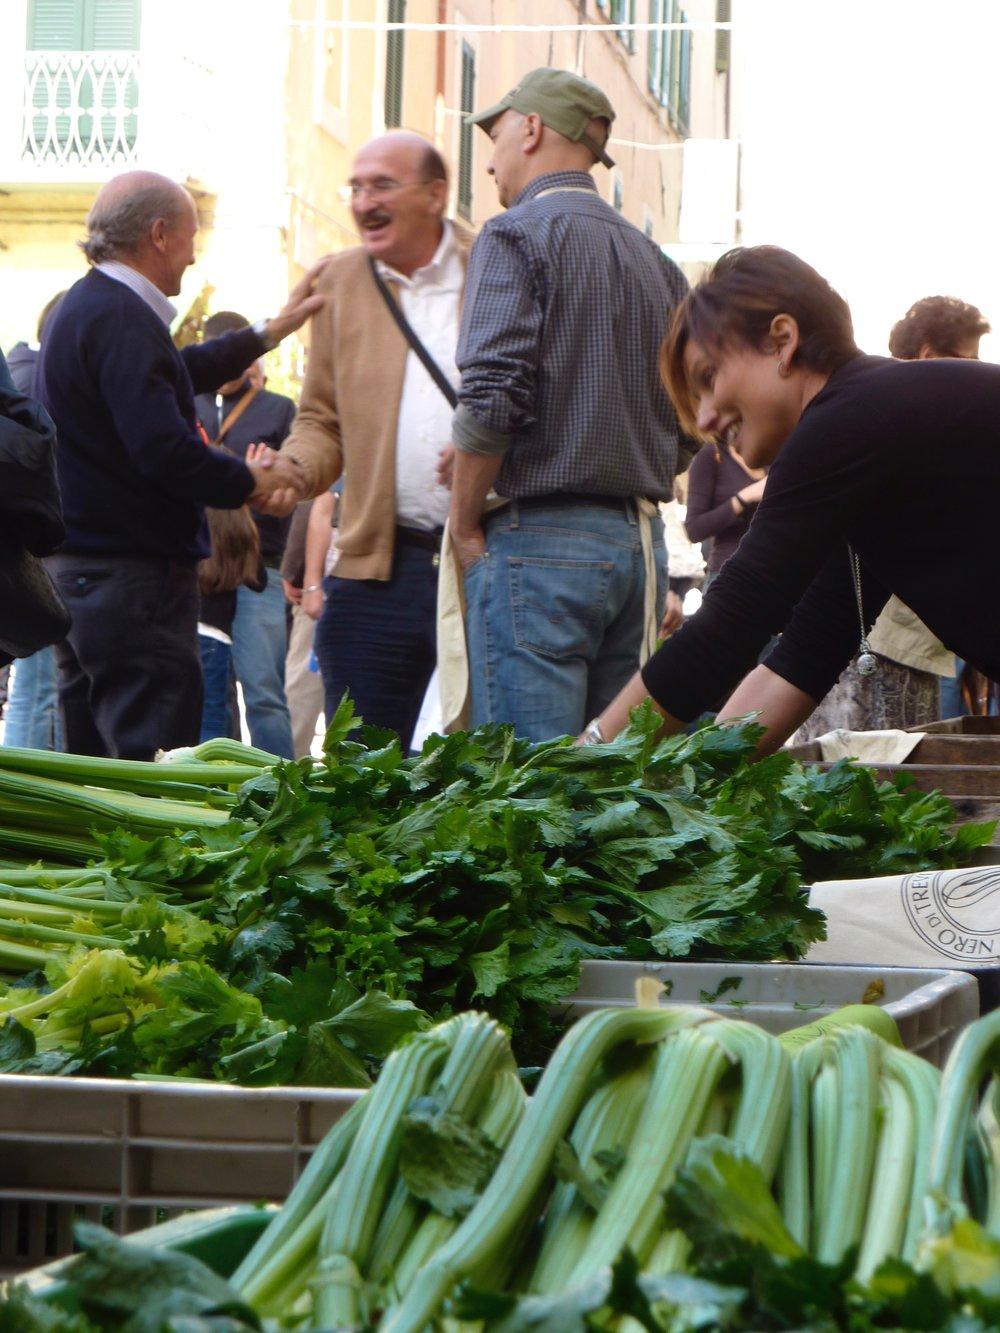 Black celery celebration in Trevi